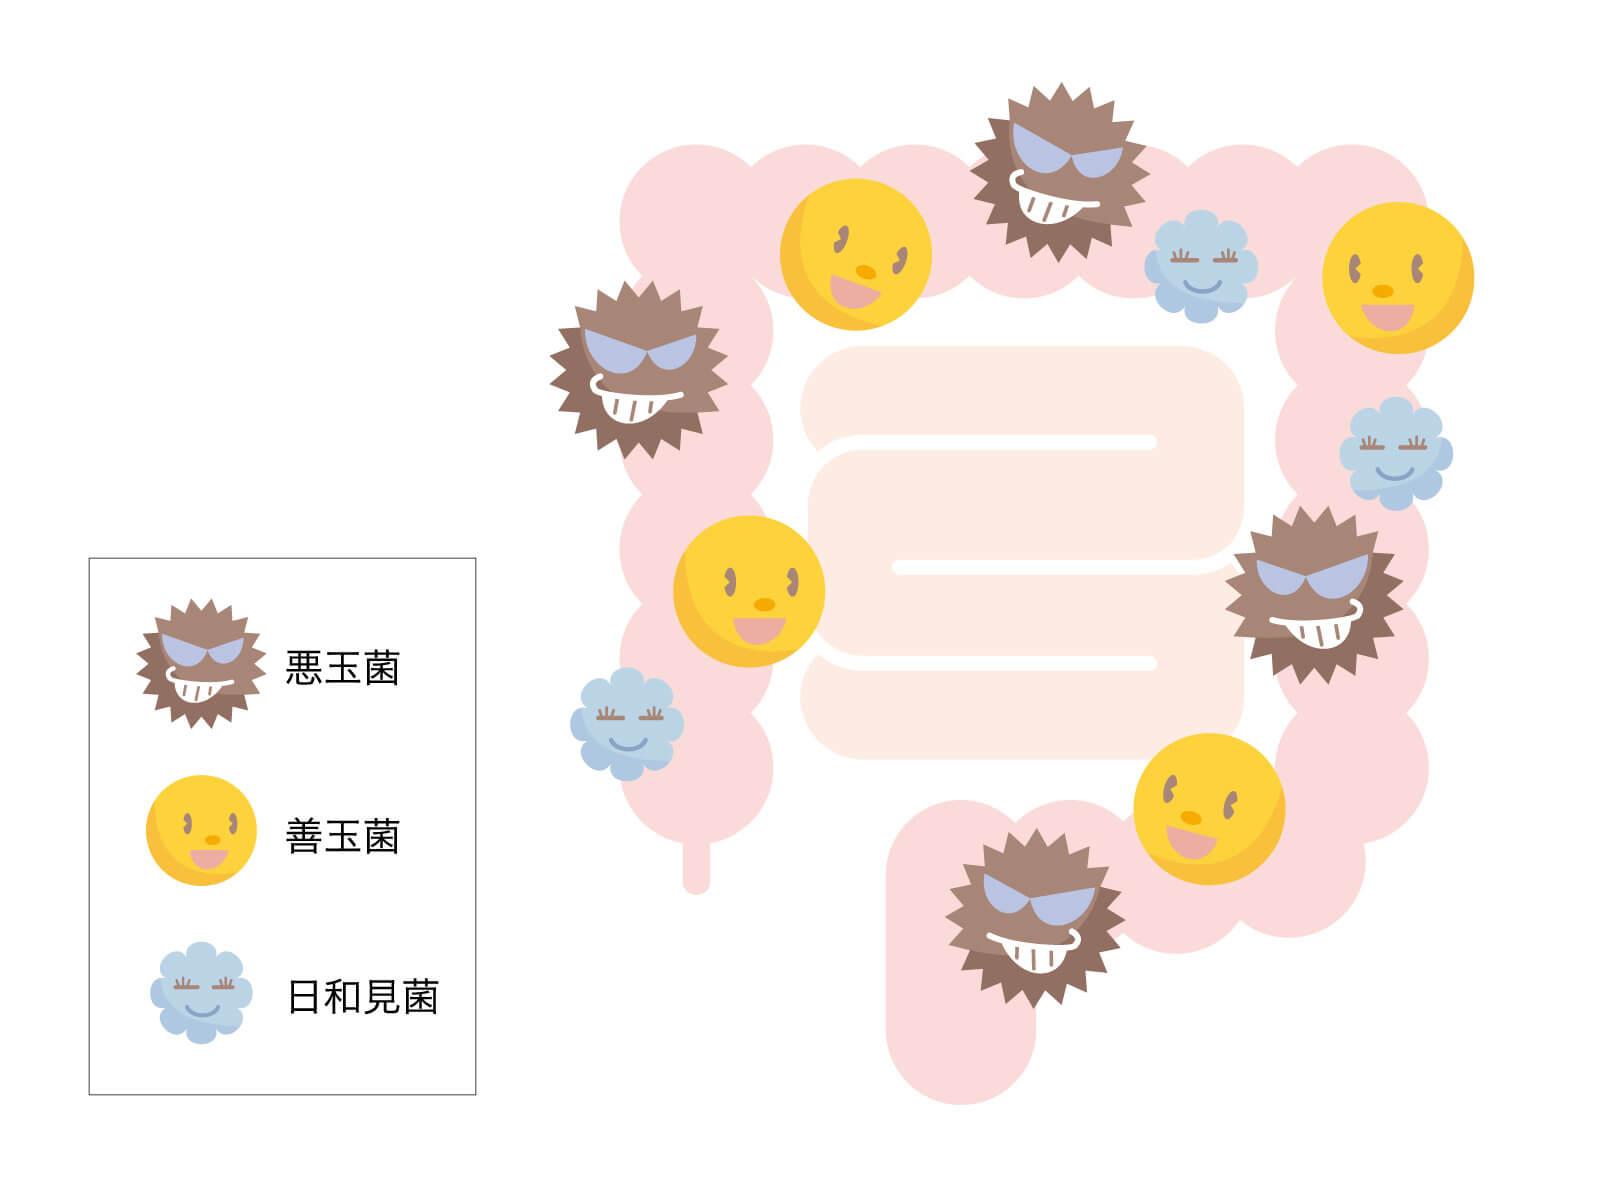 腸内細菌は「善玉菌」「悪玉菌」「日和見菌」の3つに分類されるがこのうちの「日和見菌」に属するのが「痩せ菌」